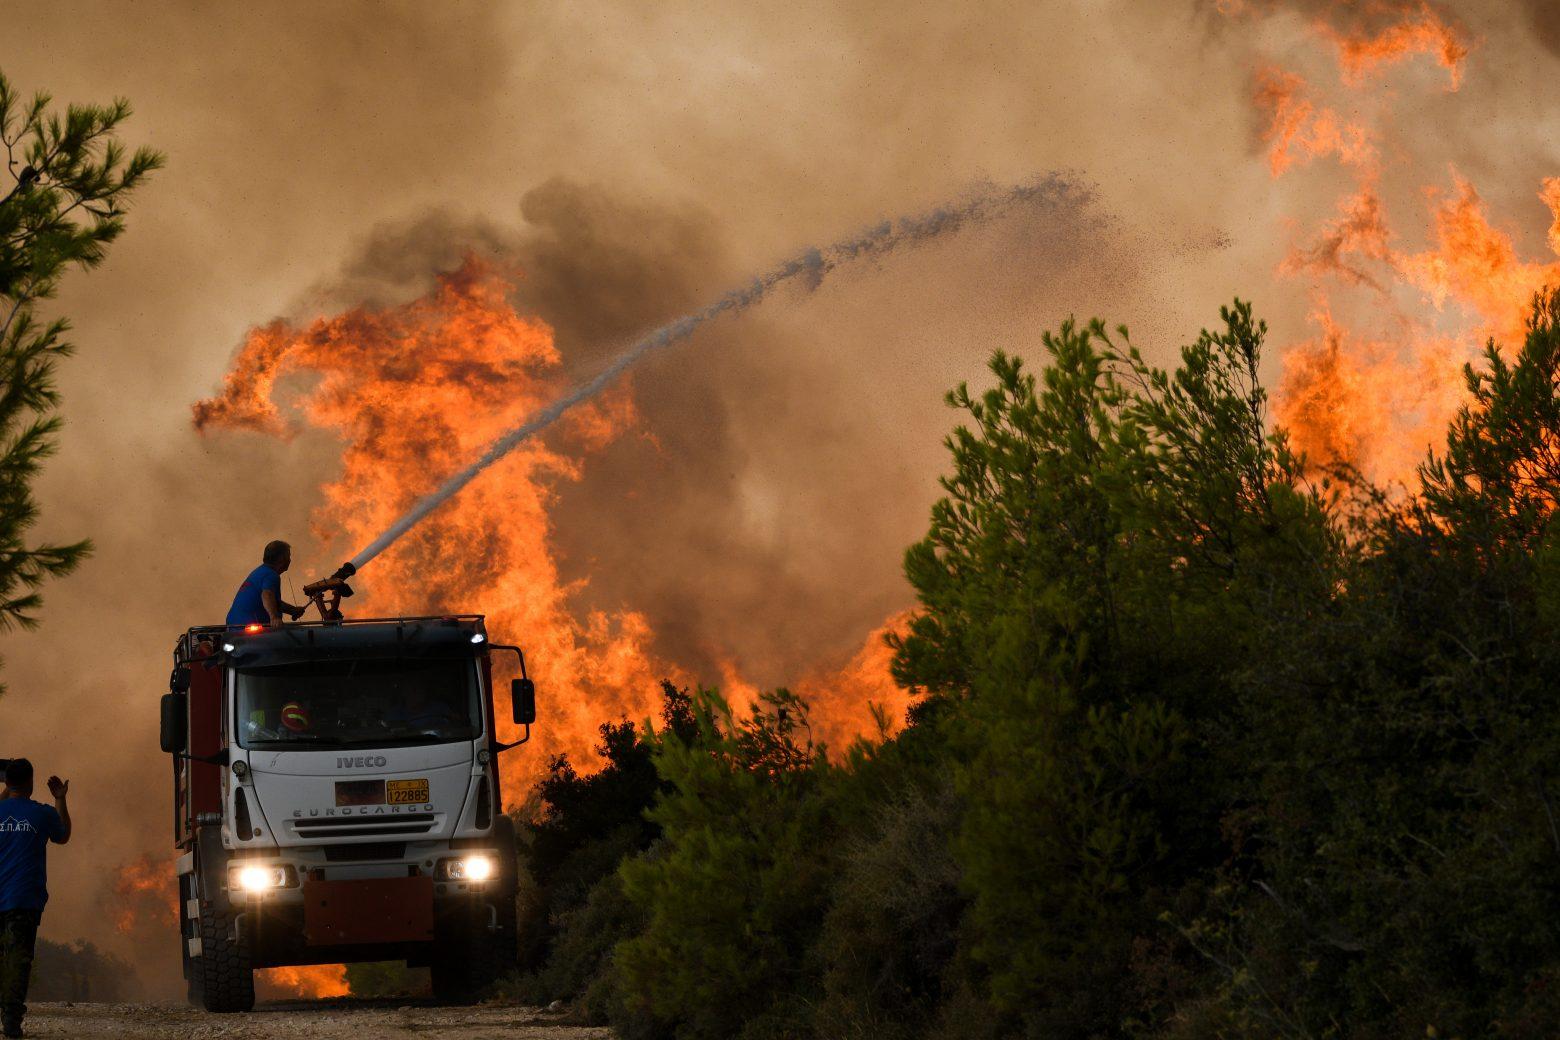 Αναζητώντας ευθύνες για τις φωτιές